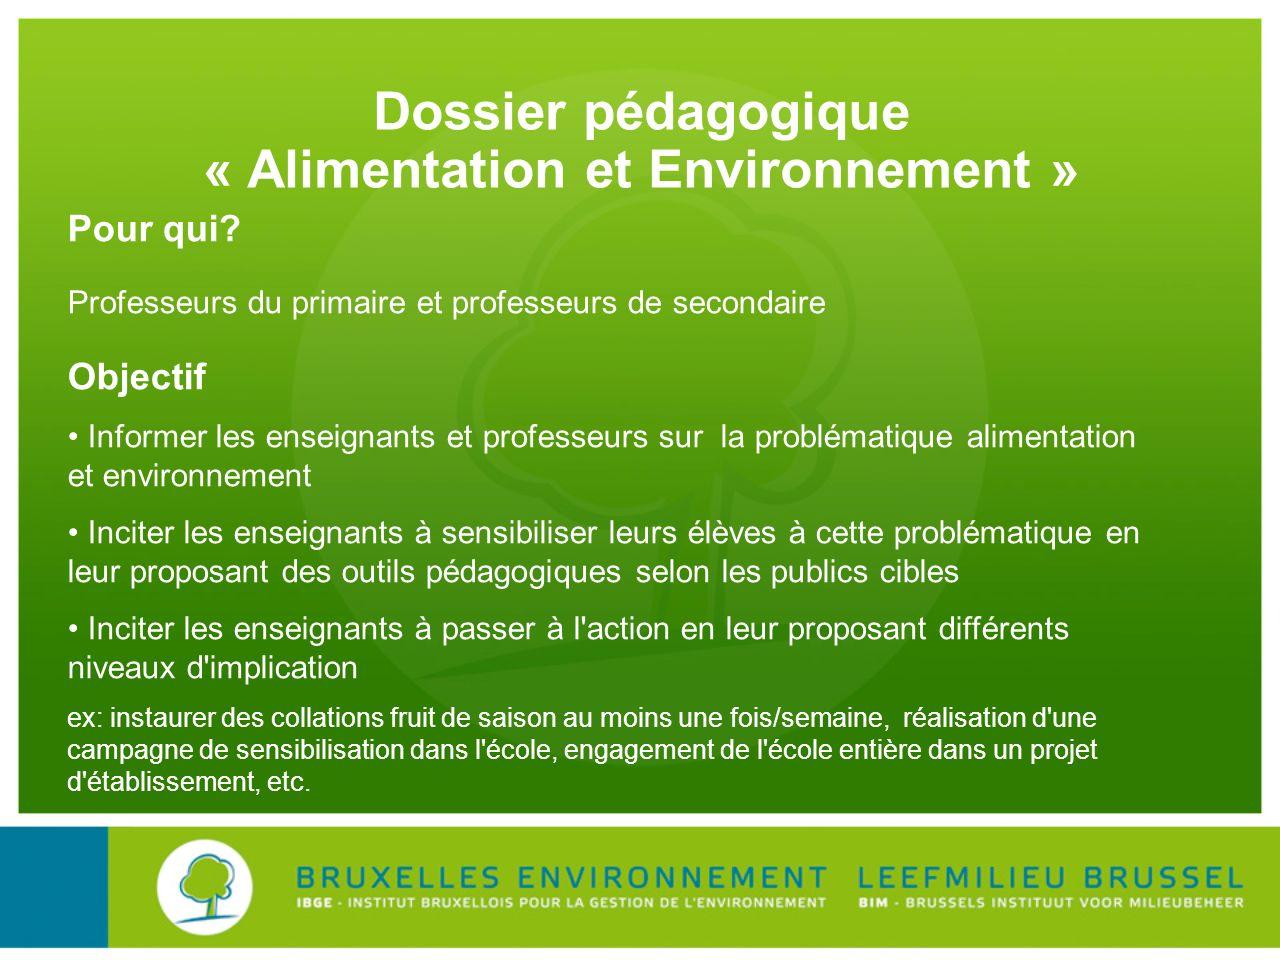 Dossier pédagogique « Alimentation et Environnement » Pour qui? Professeurs du primaire et professeurs de secondaire Objectif Informer les enseignants